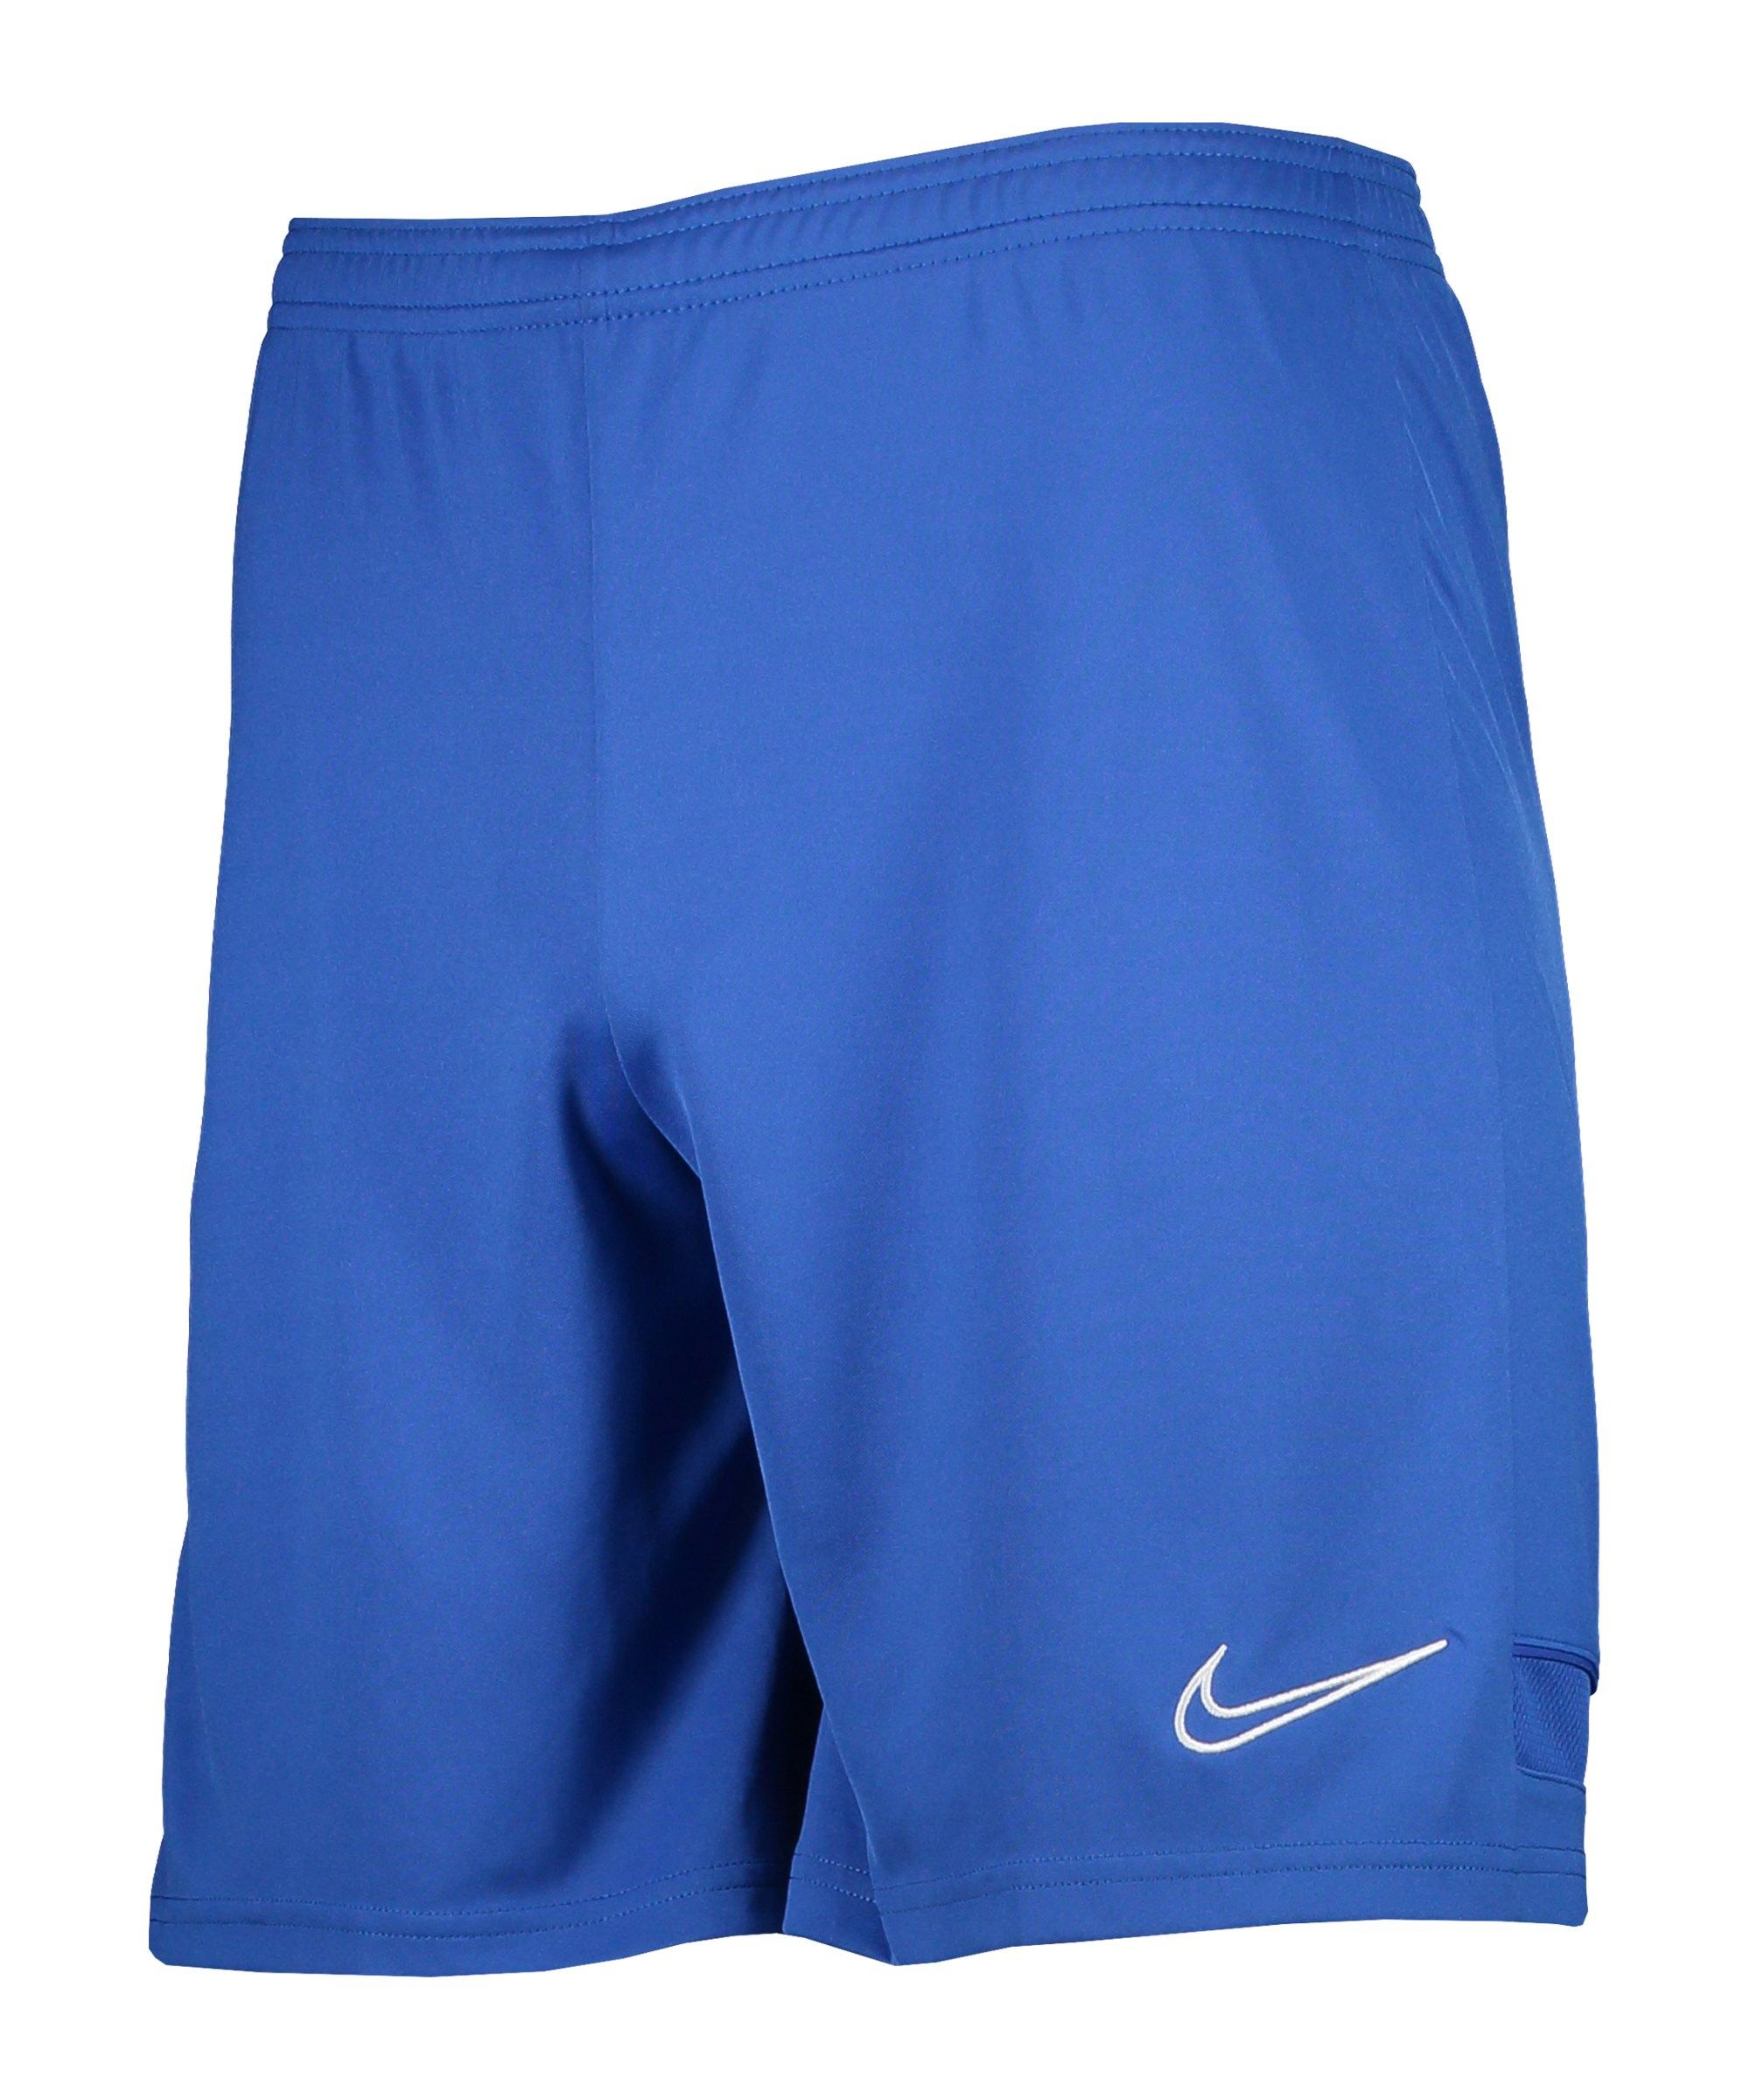 Nike Academy 21 Short Blau Weiss F480 - blau